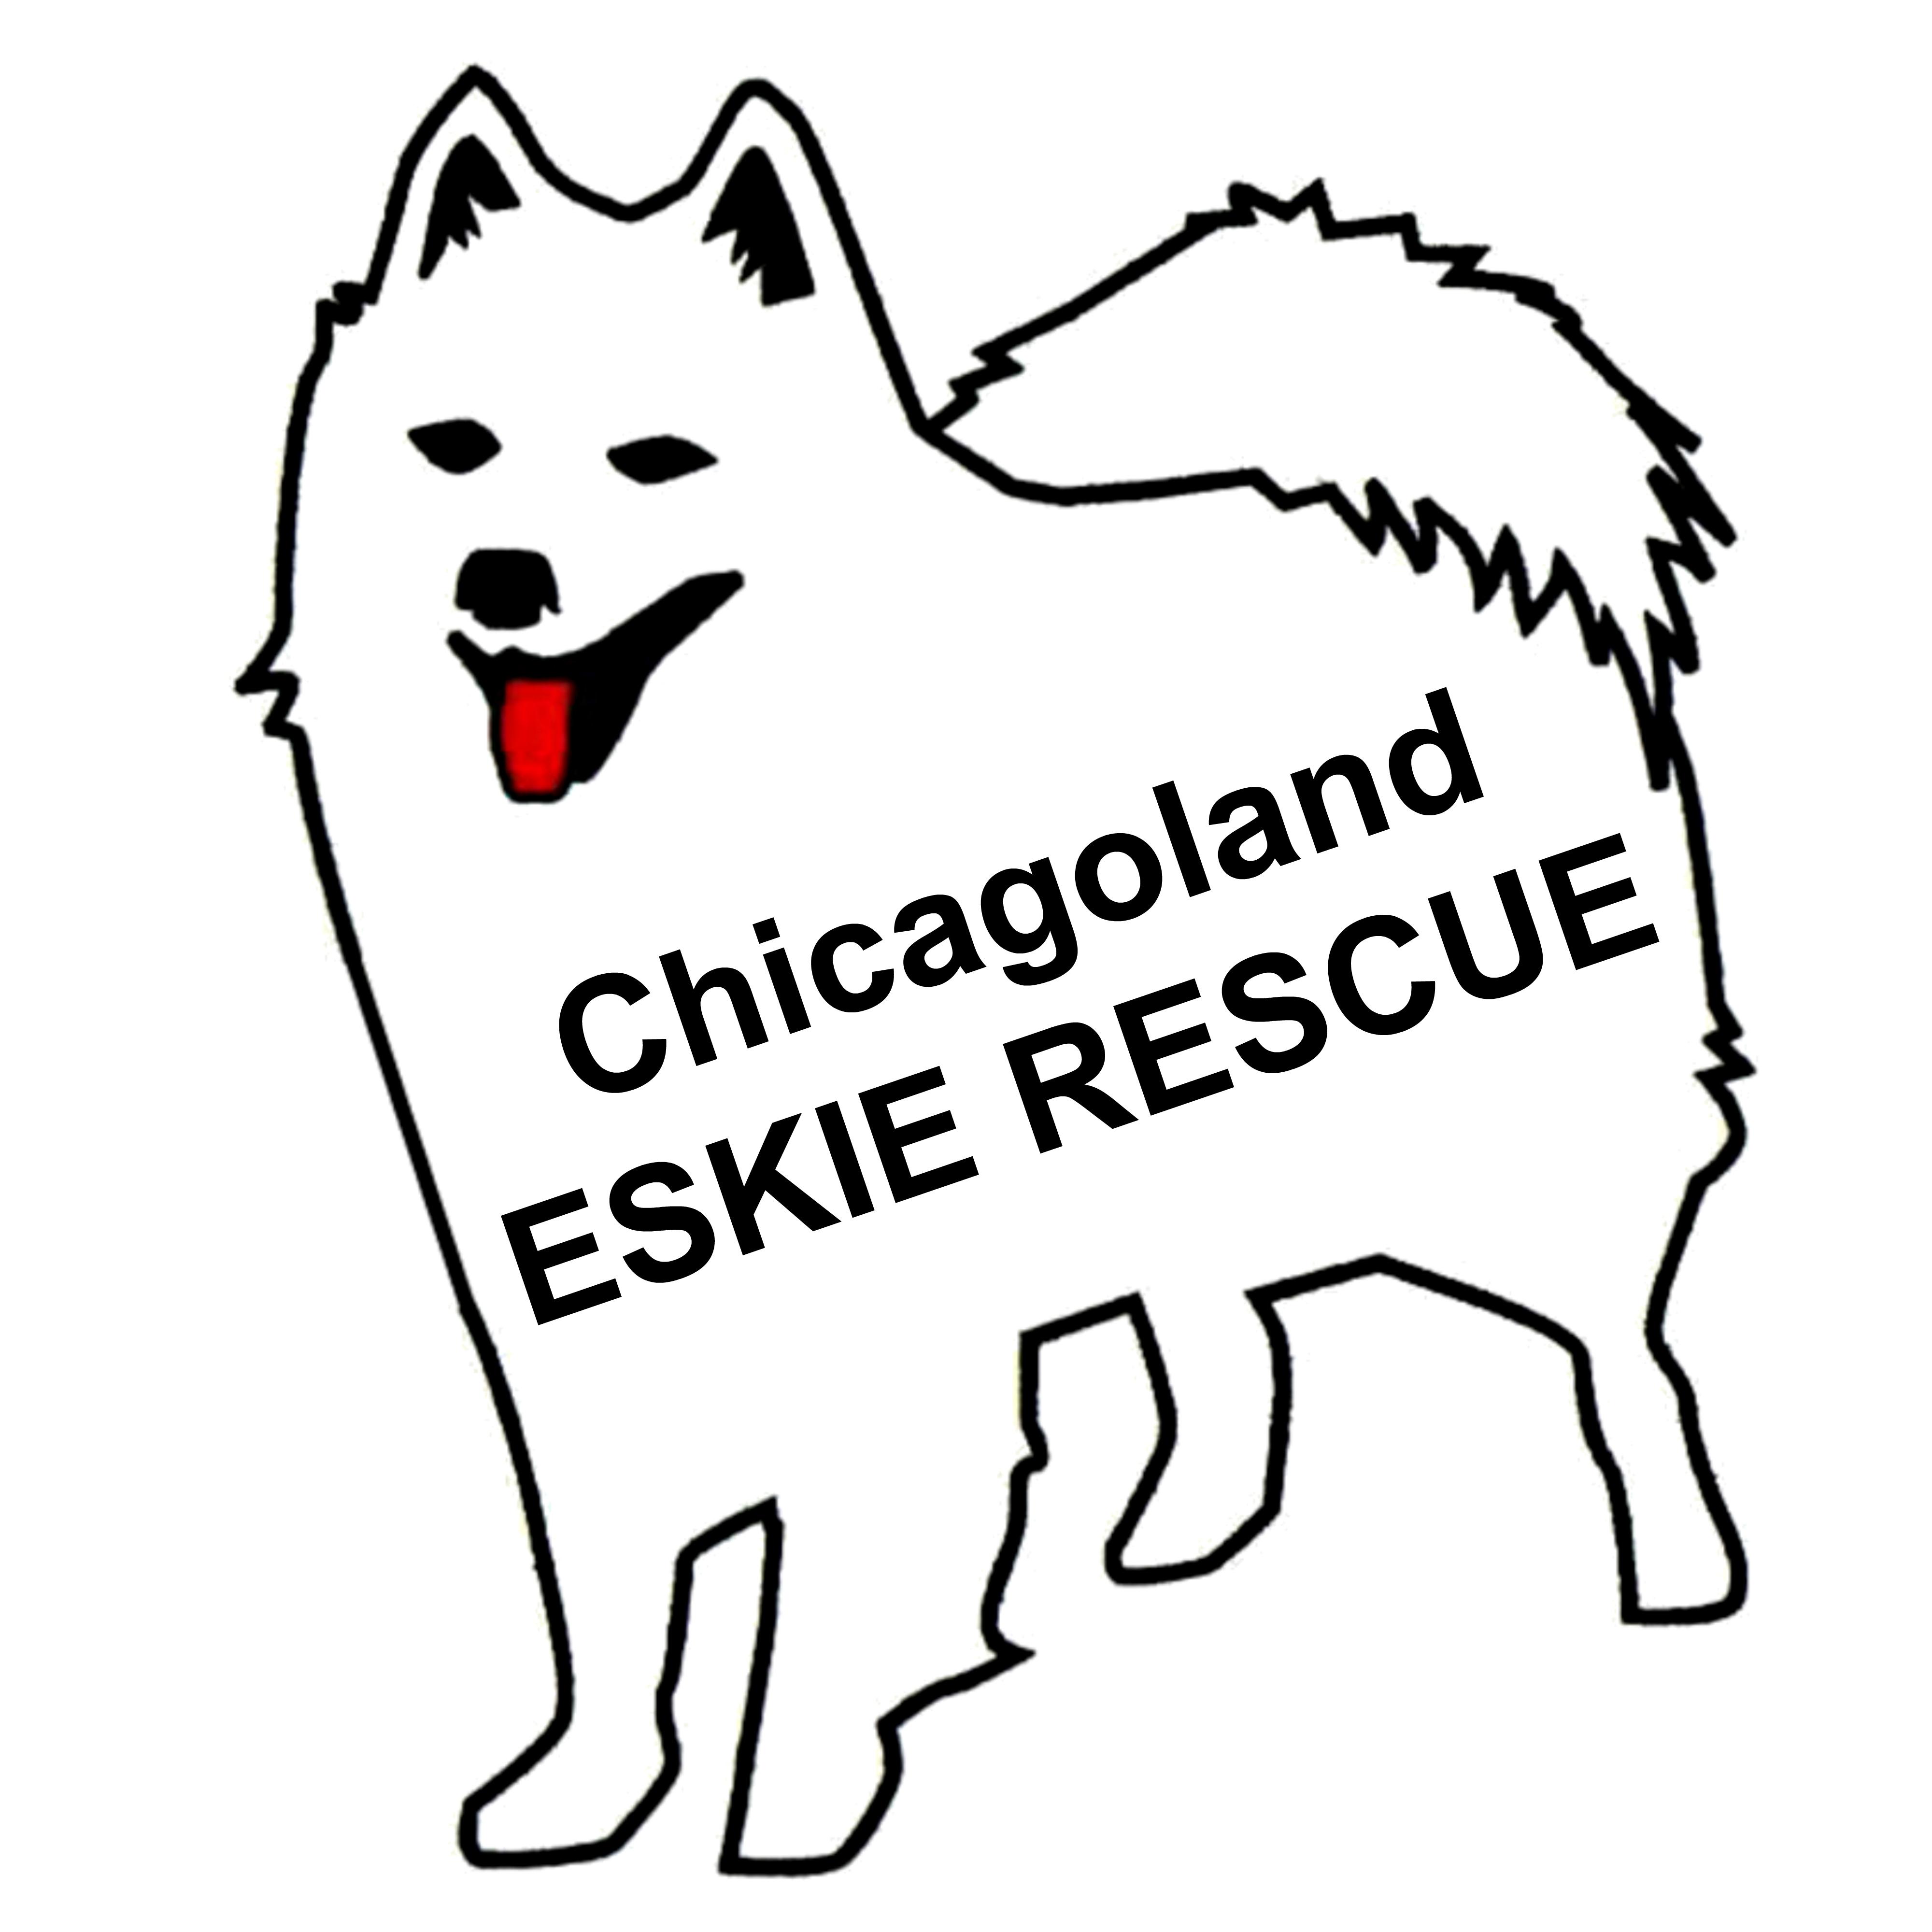 Chicagoland Eskie Rescue's Buddies